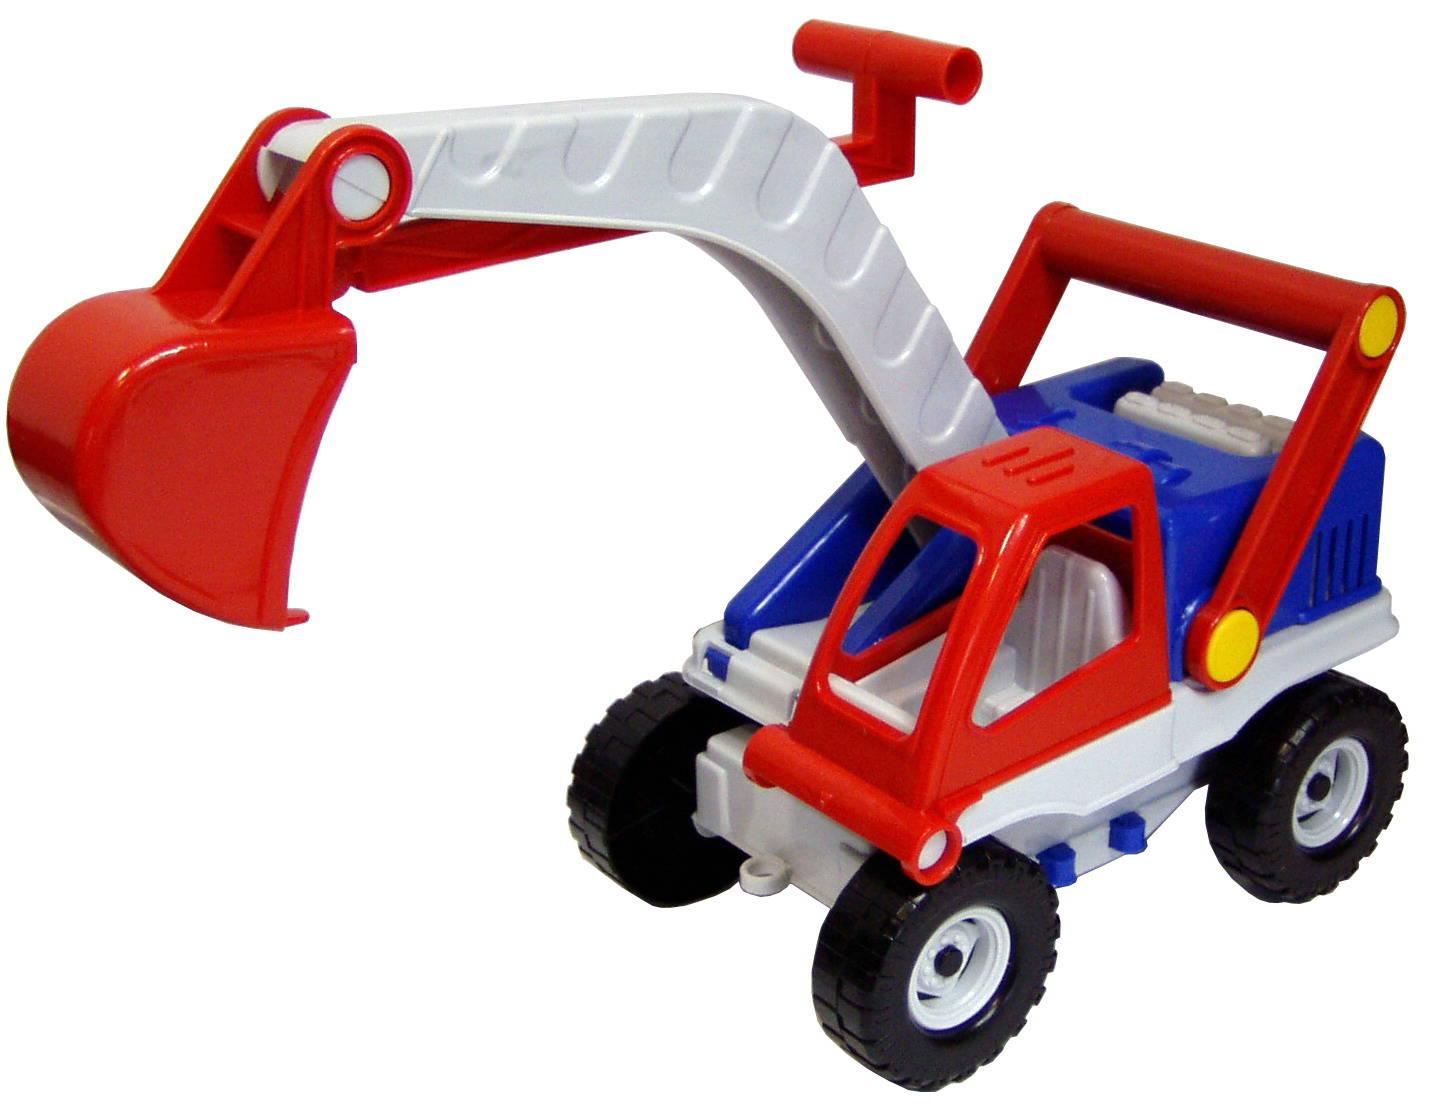 Автомобиль строительный – Экскаватор, 25 смБетономешалки, строительная техника<br>Автомобиль строительный – Экскаватор, 25 см<br>